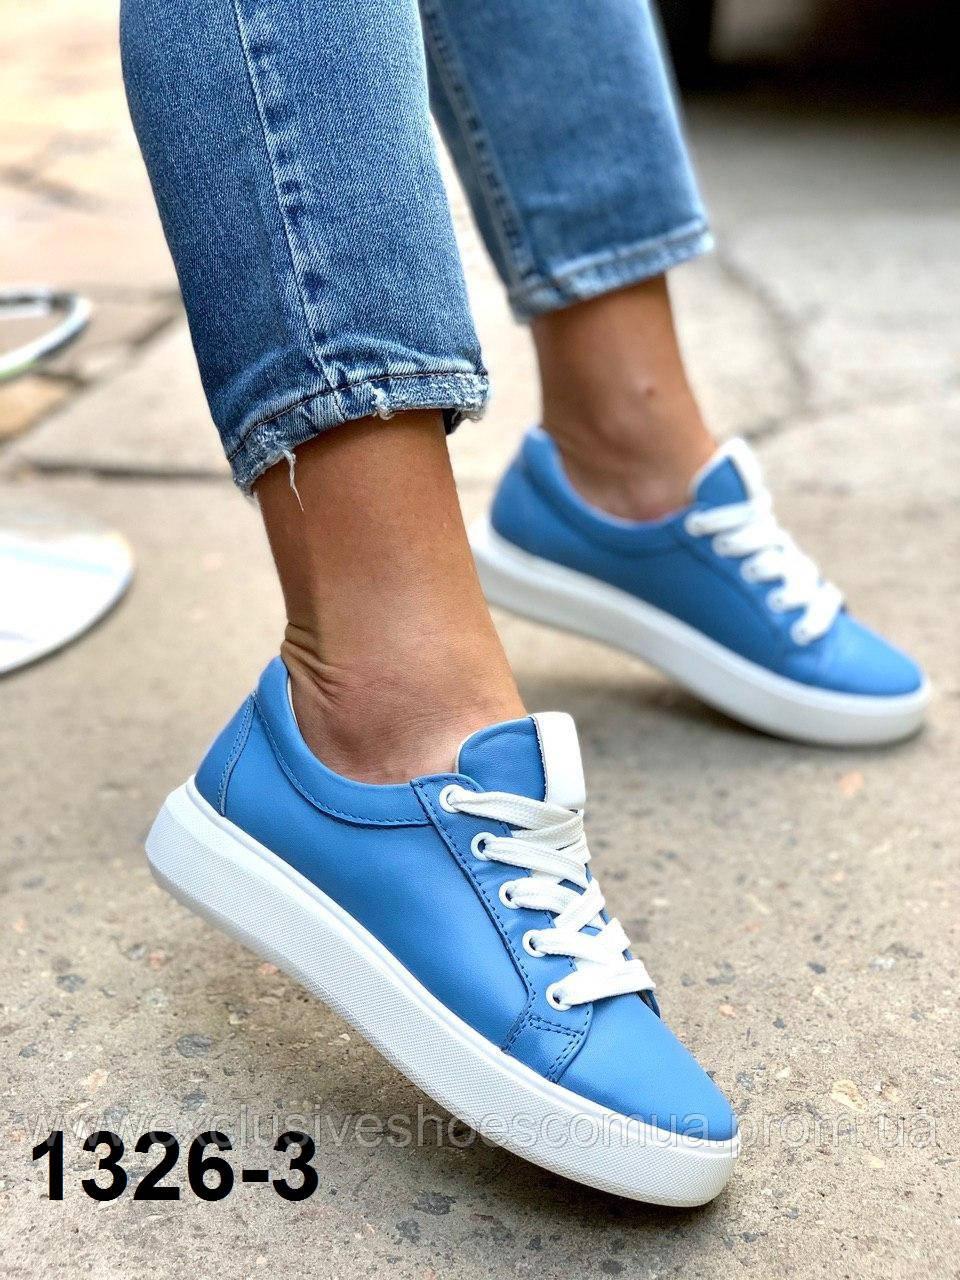 Кеди жіночі блакитні на шнурках